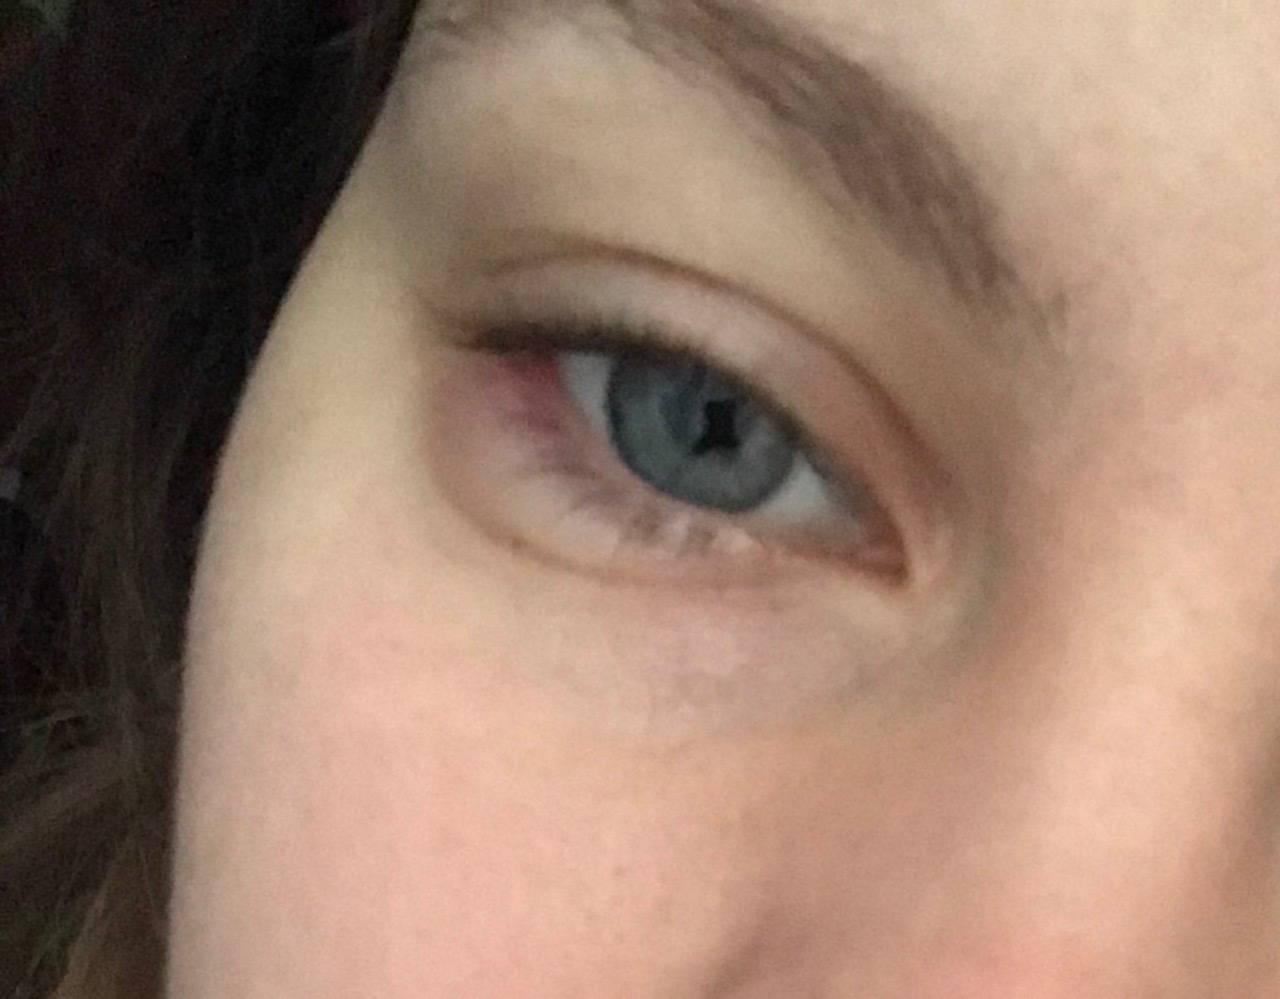 Отек верхнего века одного глаза - причины и лечение, профилактика